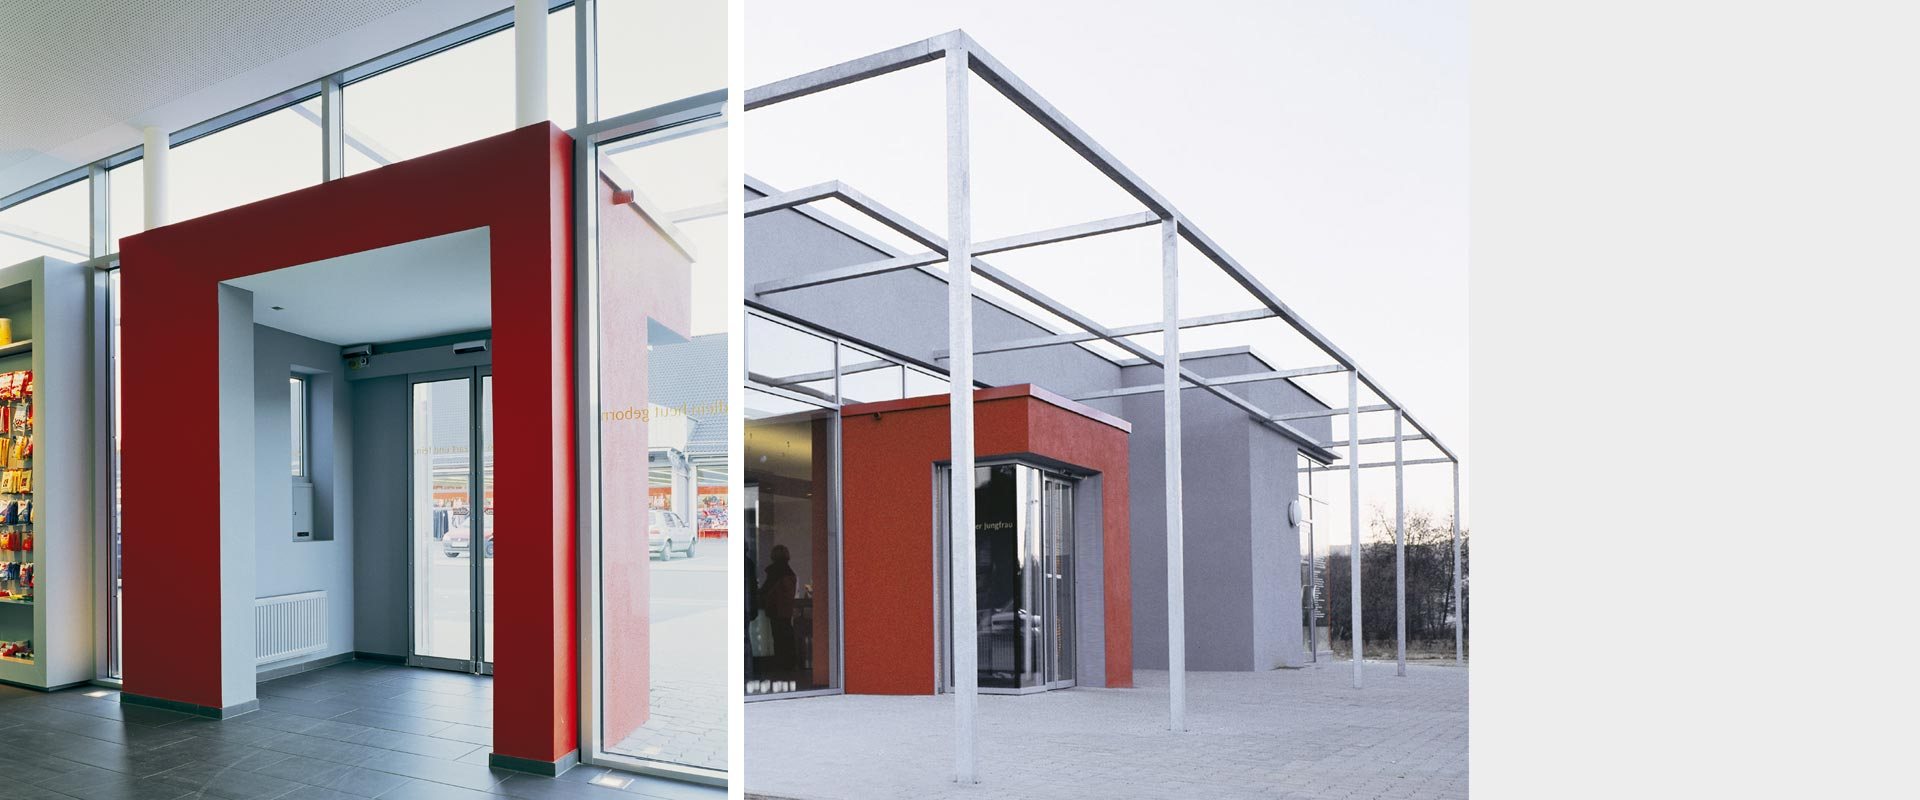 architekturbuero_henning_musahl_deuzer09